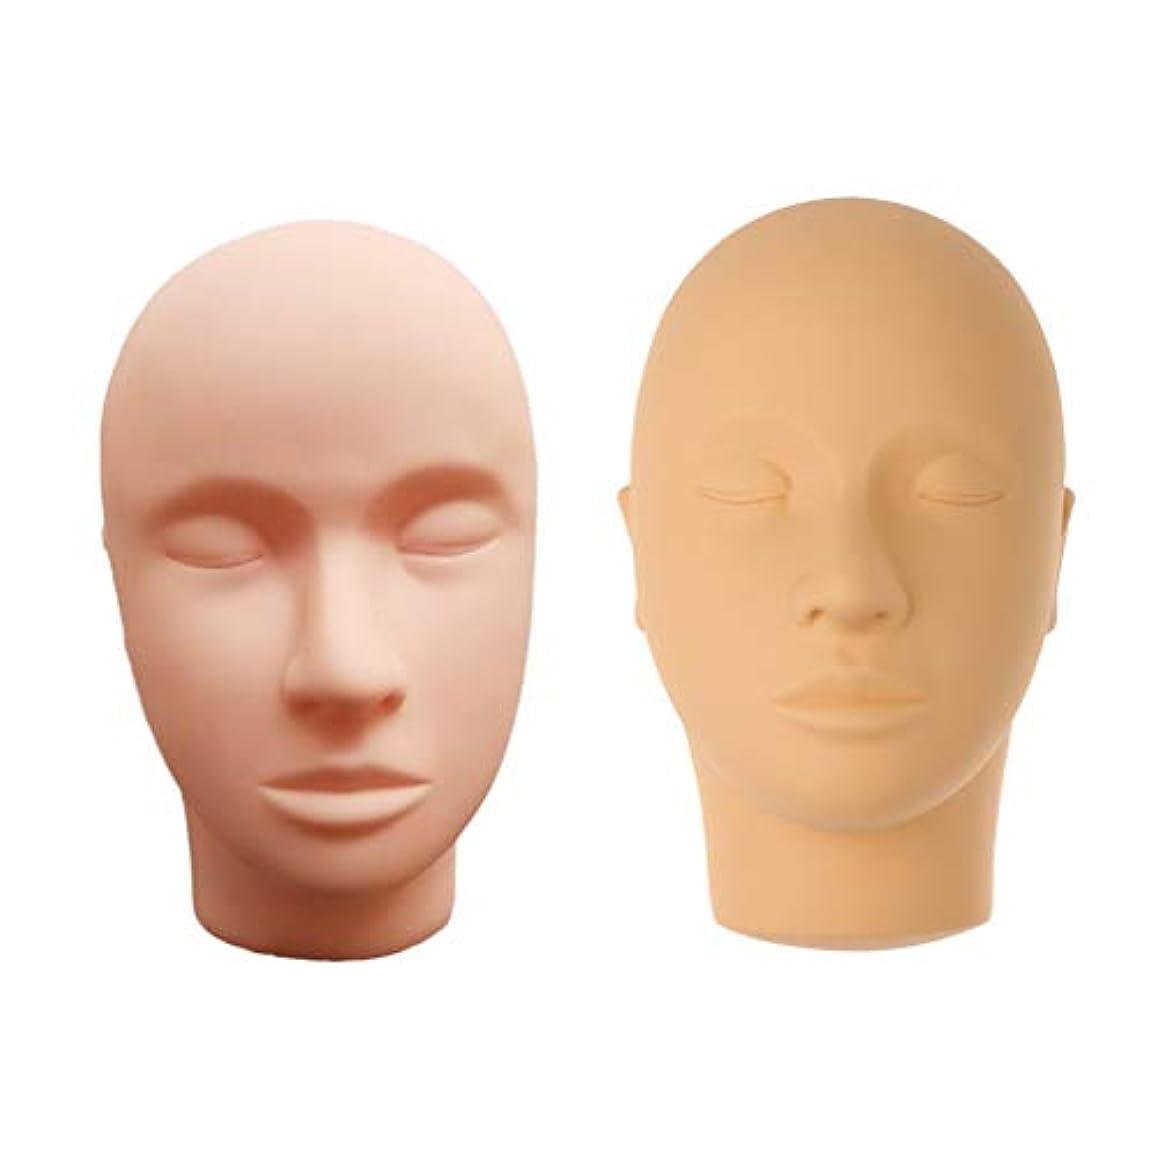 蚊表面的な圧縮マネキンヘッド ディスプレイ 肌色 化粧練習 メイク マッサージ トレーニング 繰り返し利用